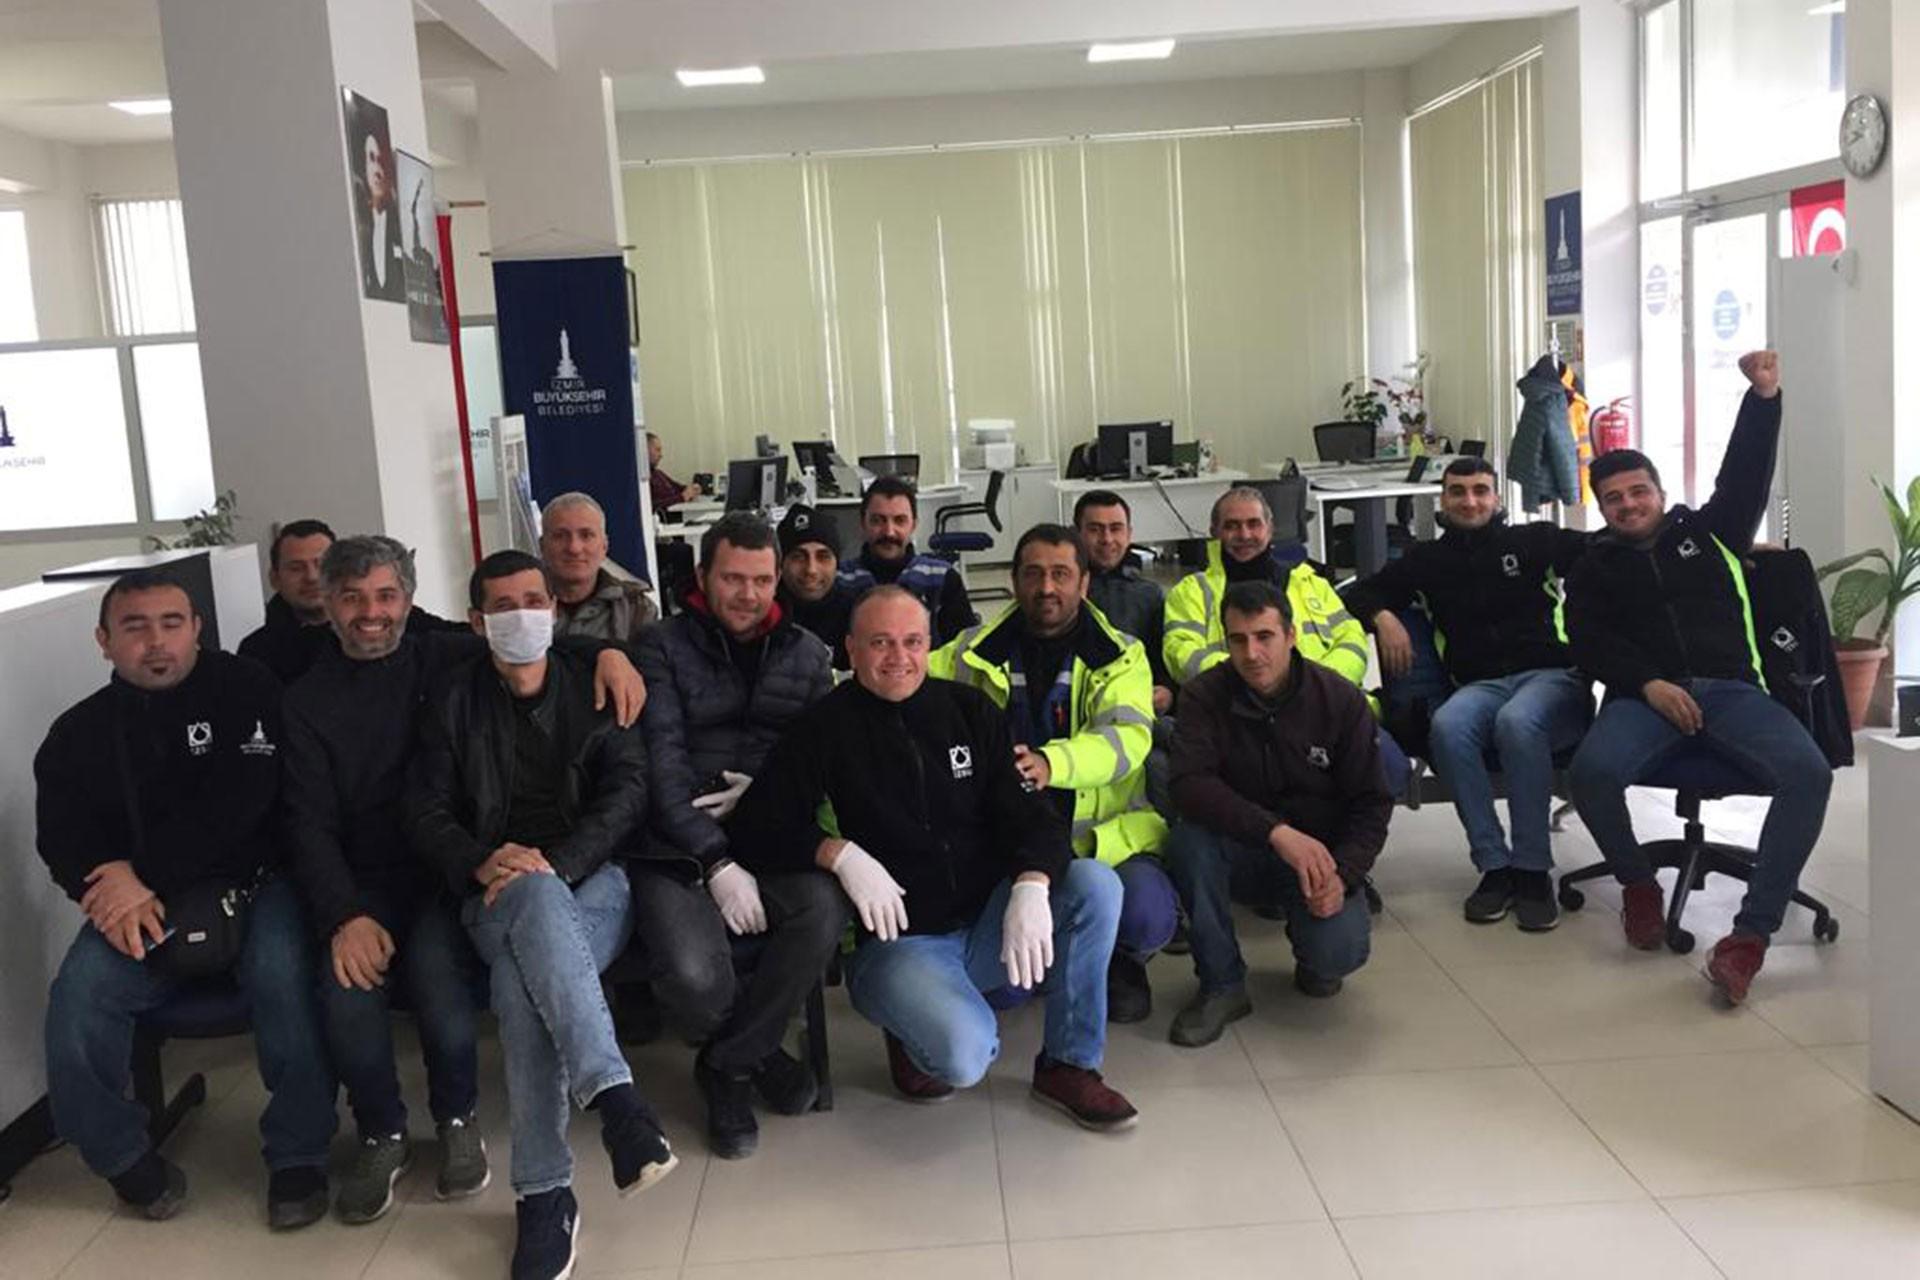 İzmir Büyükşehir Belediyesine bağlı İZSU'da işçiler koronavirüse dair alınmayan önlemlerden dolayı iş bıraktı